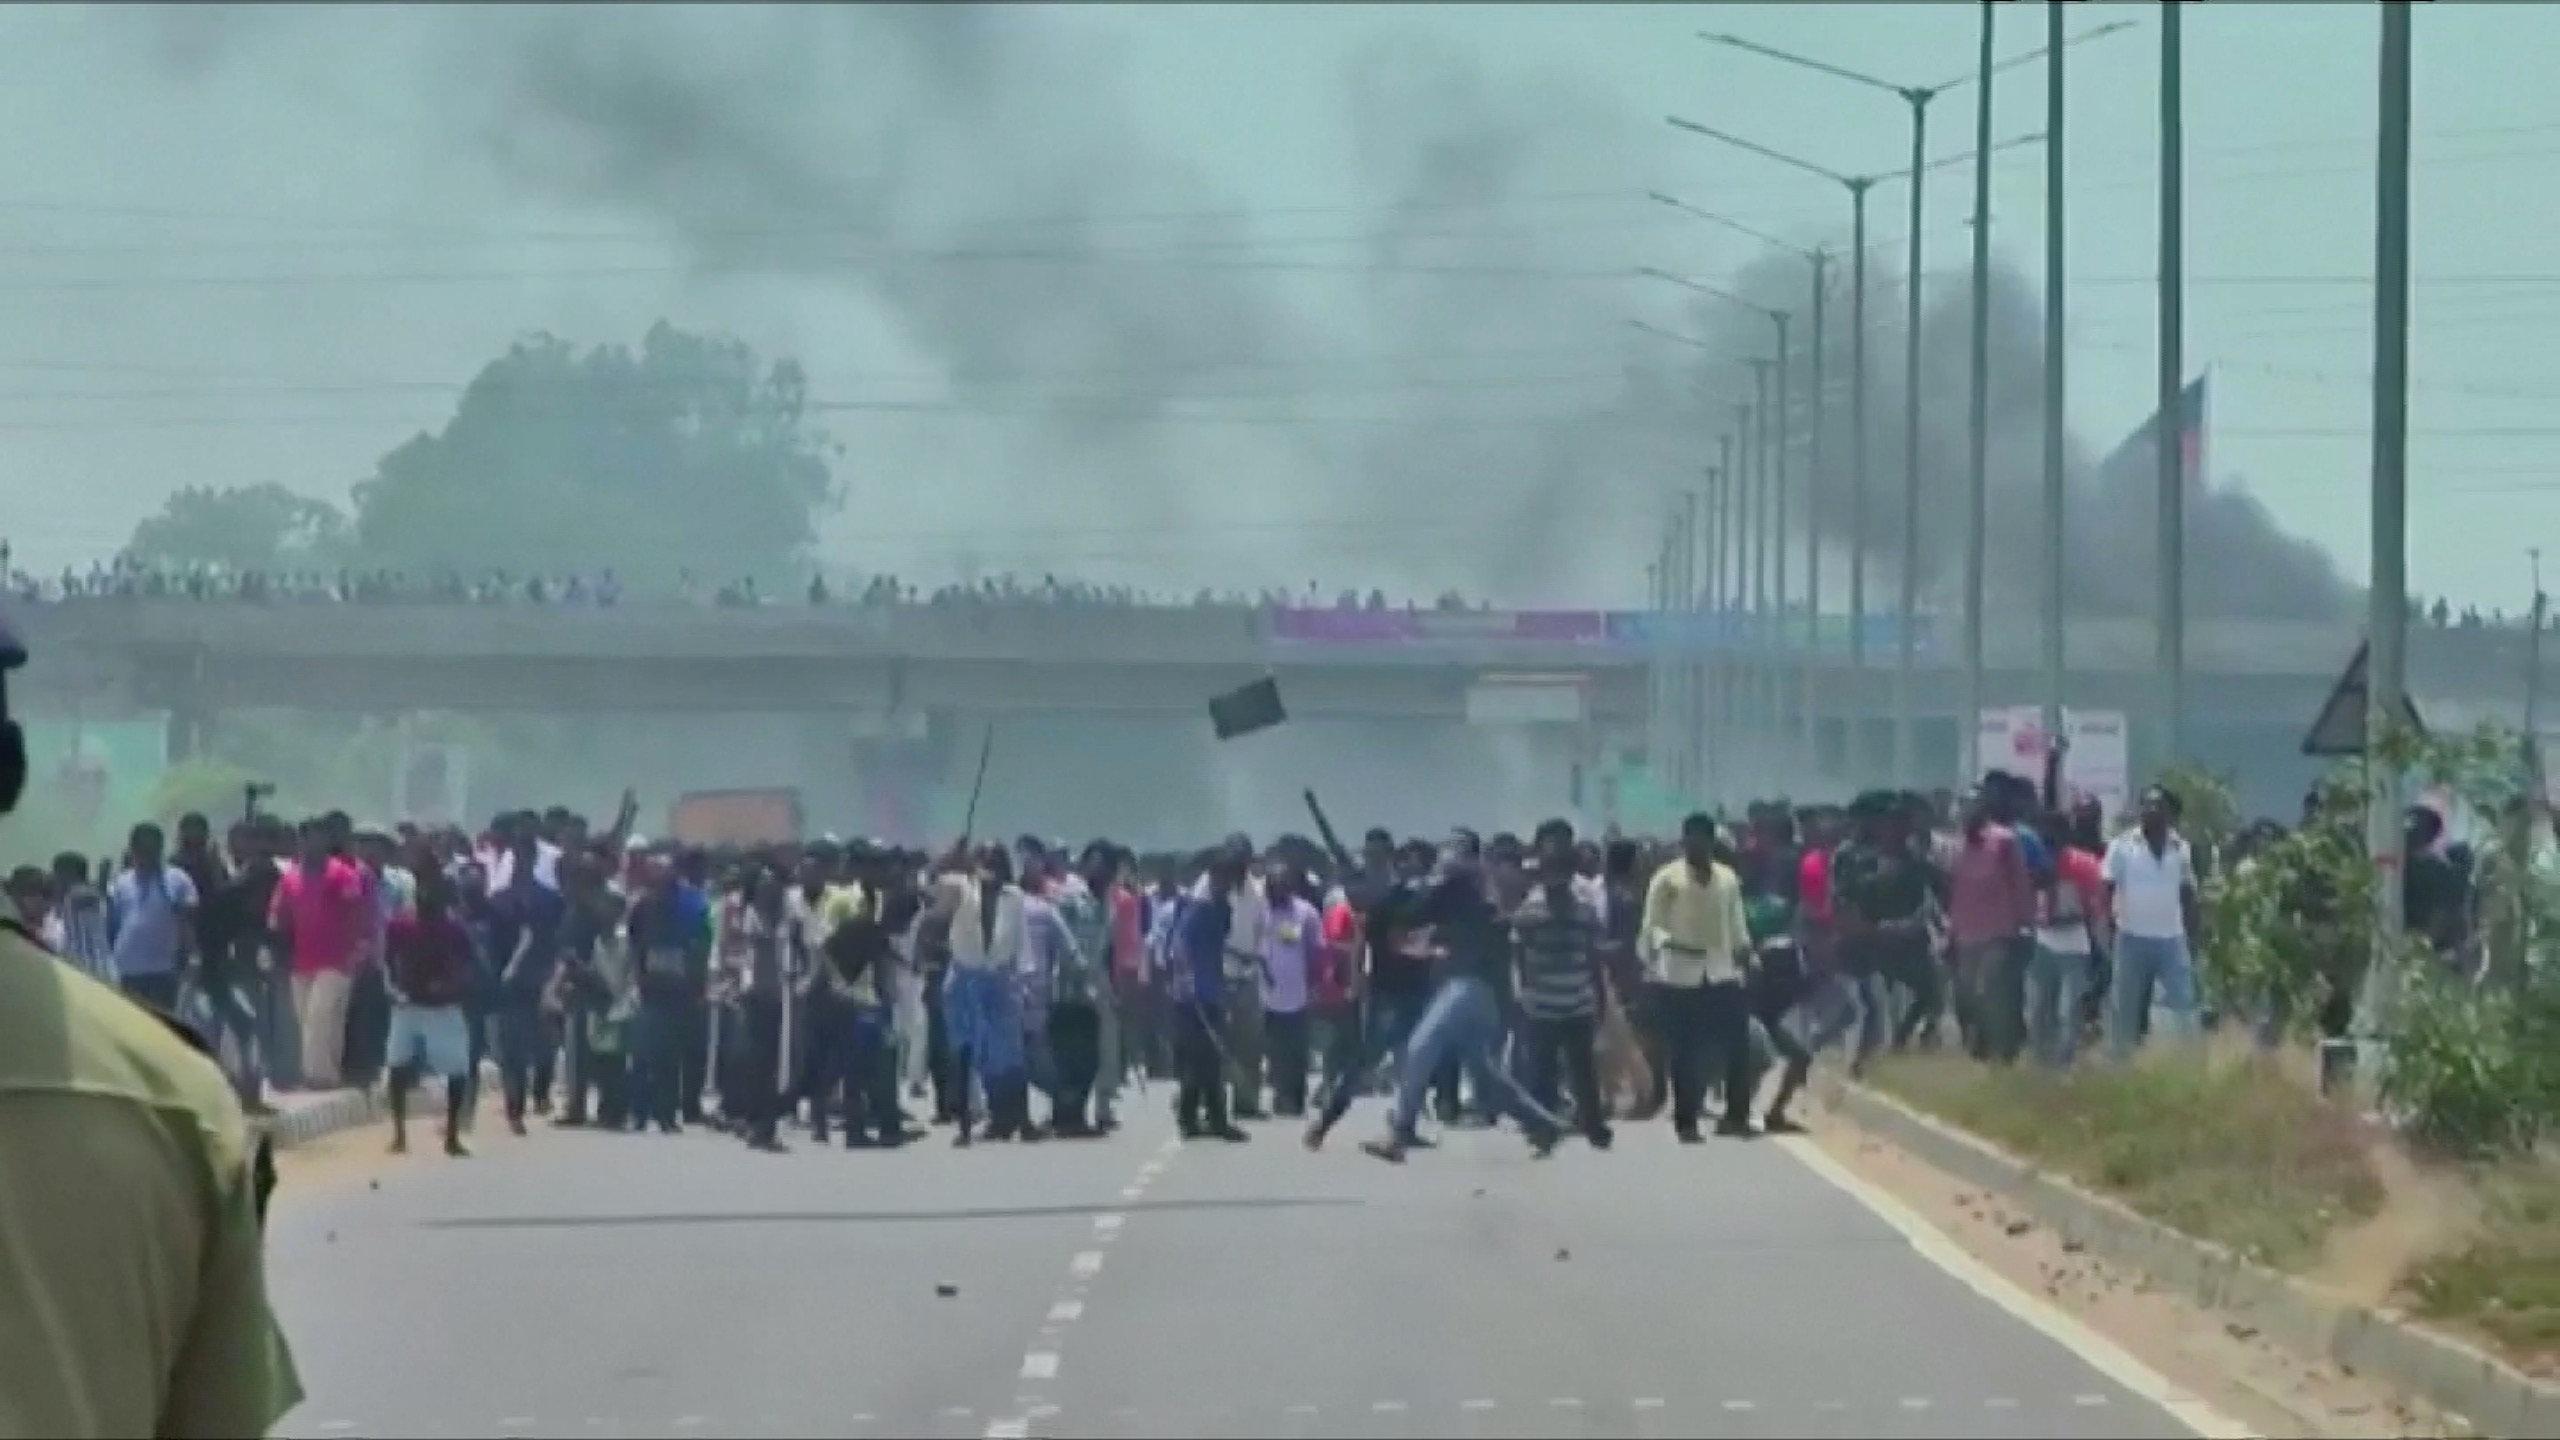 Indian court halts expansion of Vedanta's copper smelter after protests